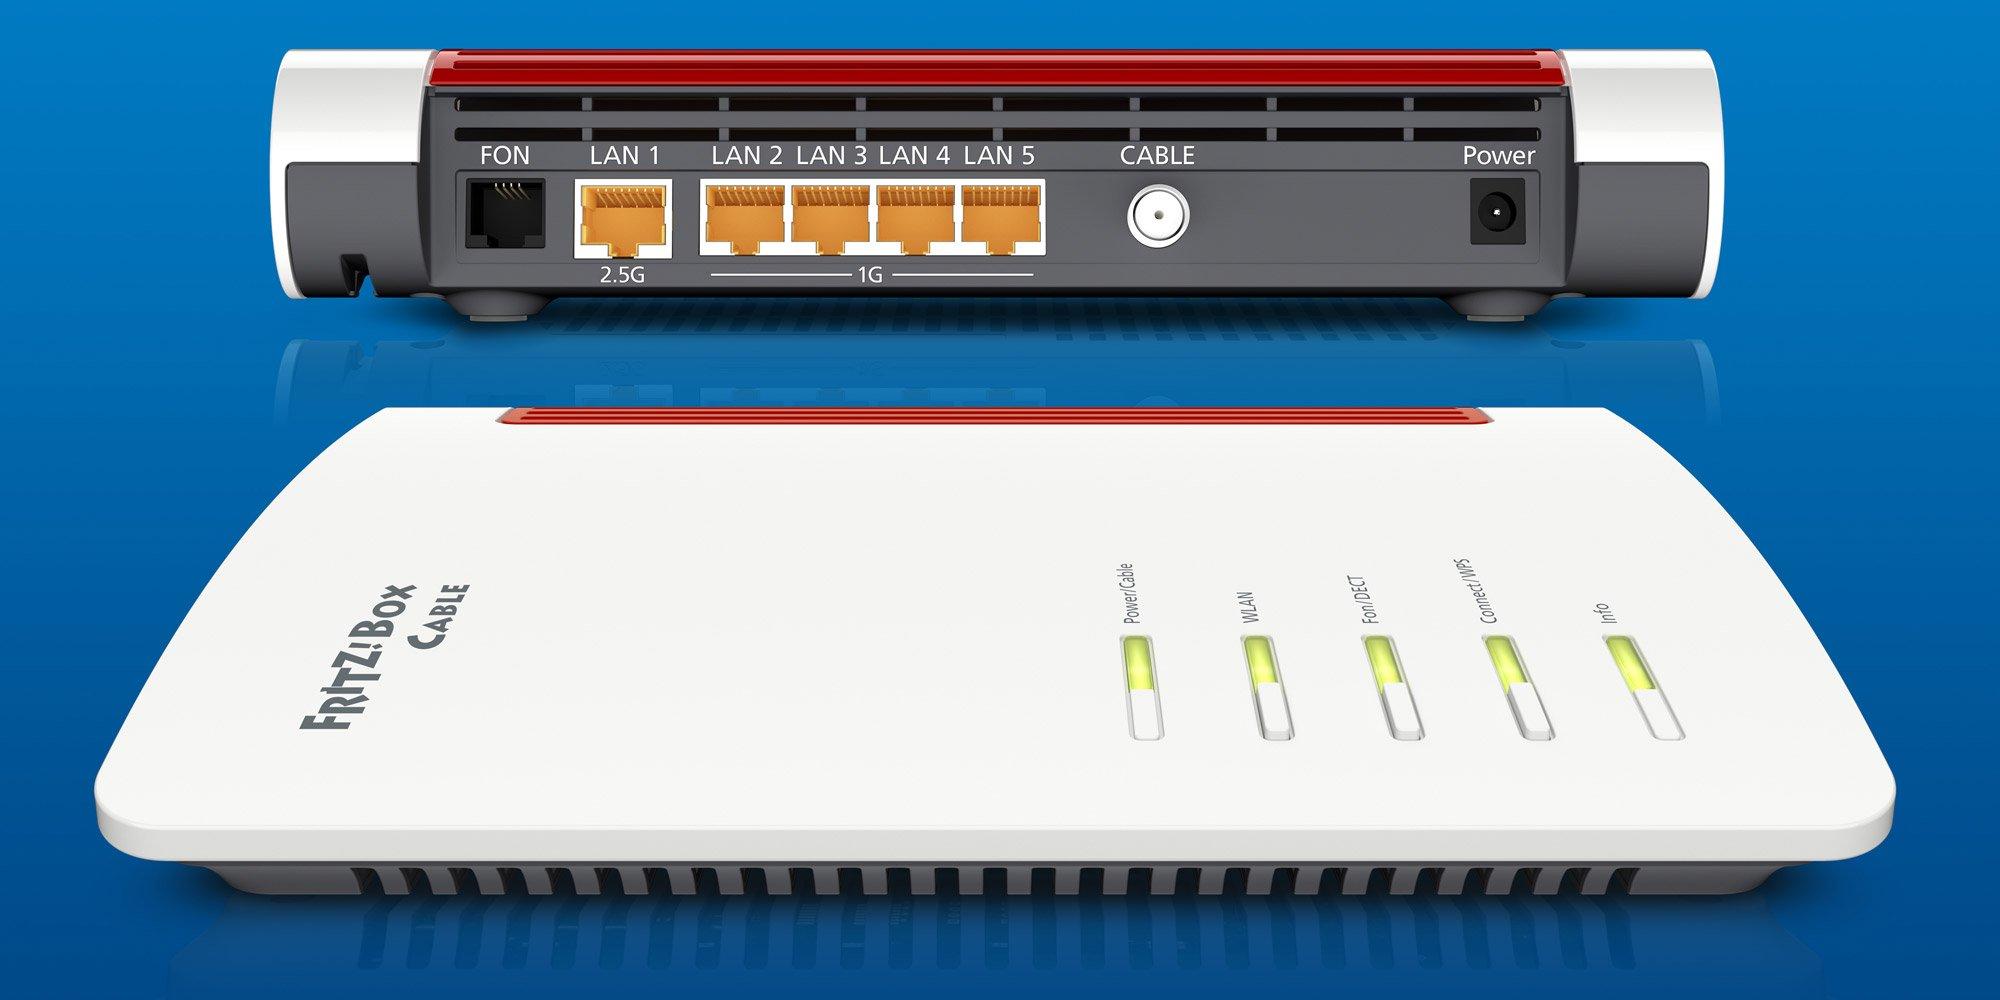 FRITZ!Box 6660 Cable, der ultimative Router für Kabelnetze, feiert Premiere auf der ANGA Com